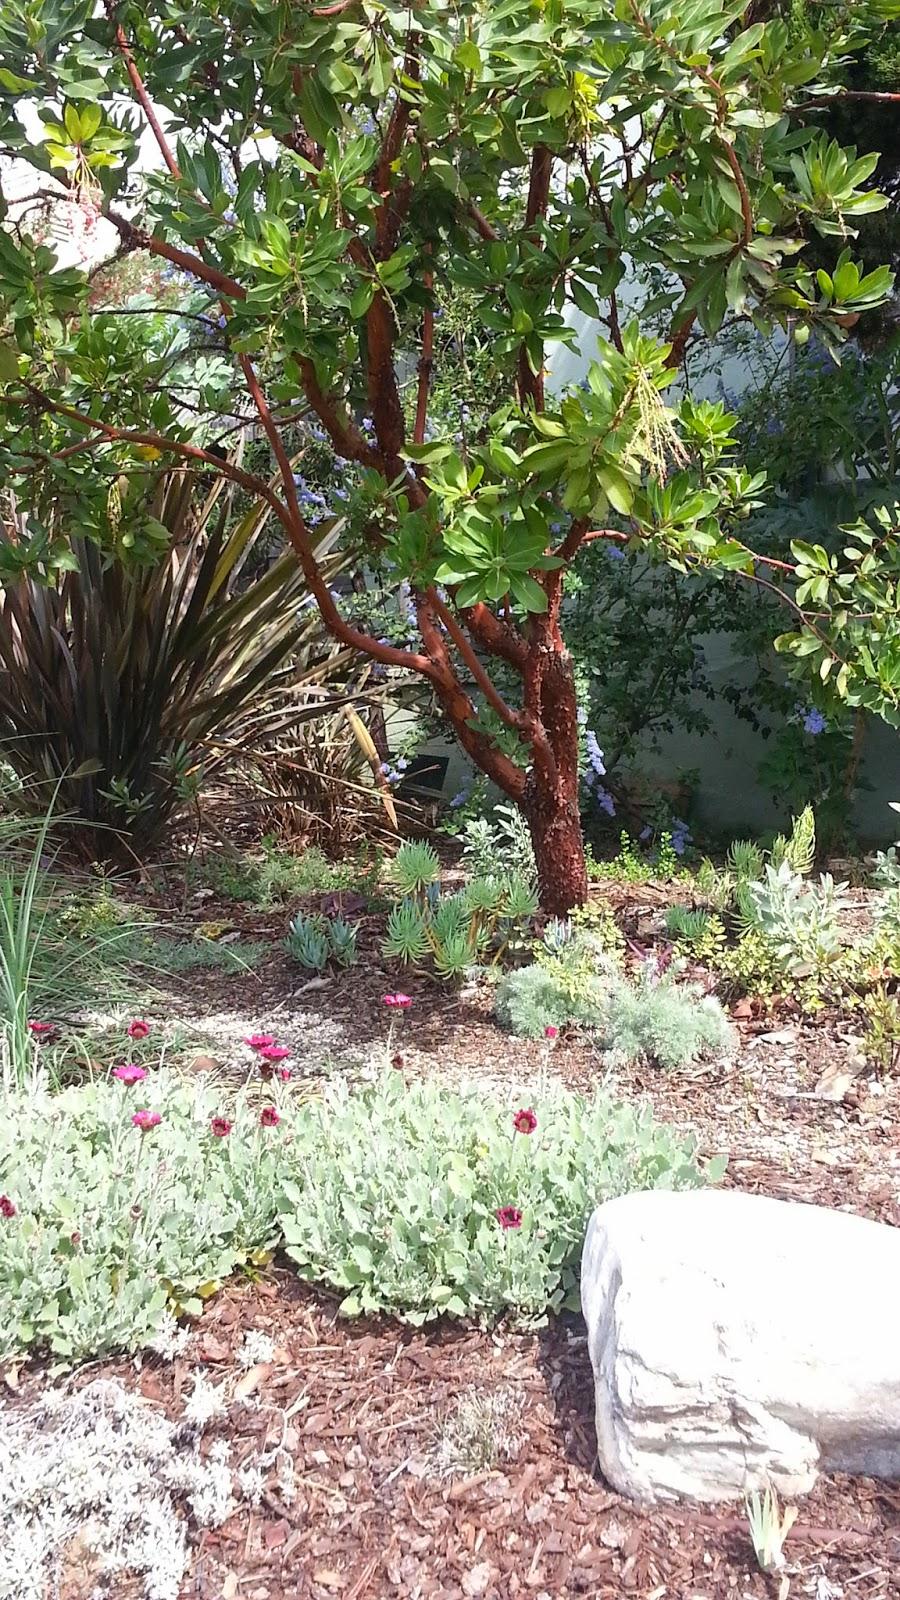 mar vista green garden showcase 3482 beethoven street cluster 4a